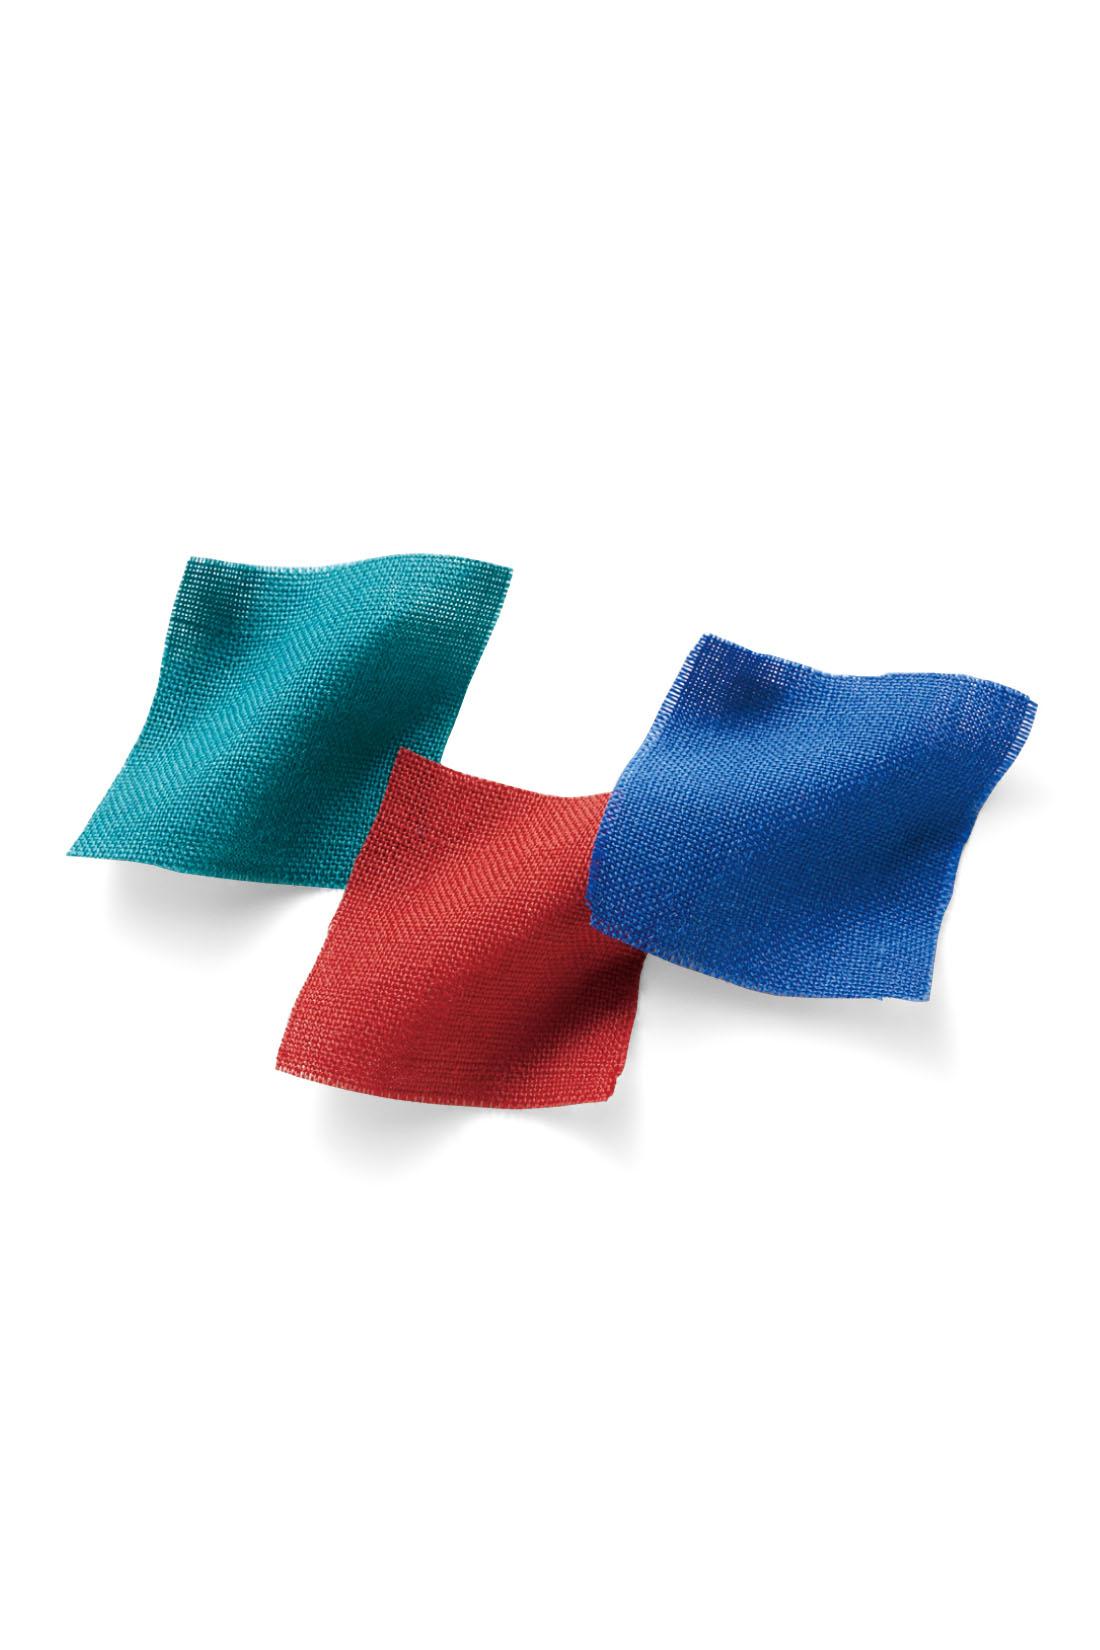 軽やかな綿麻素材は、ノンアイロンでリラクシングな着こなしをかなえます。